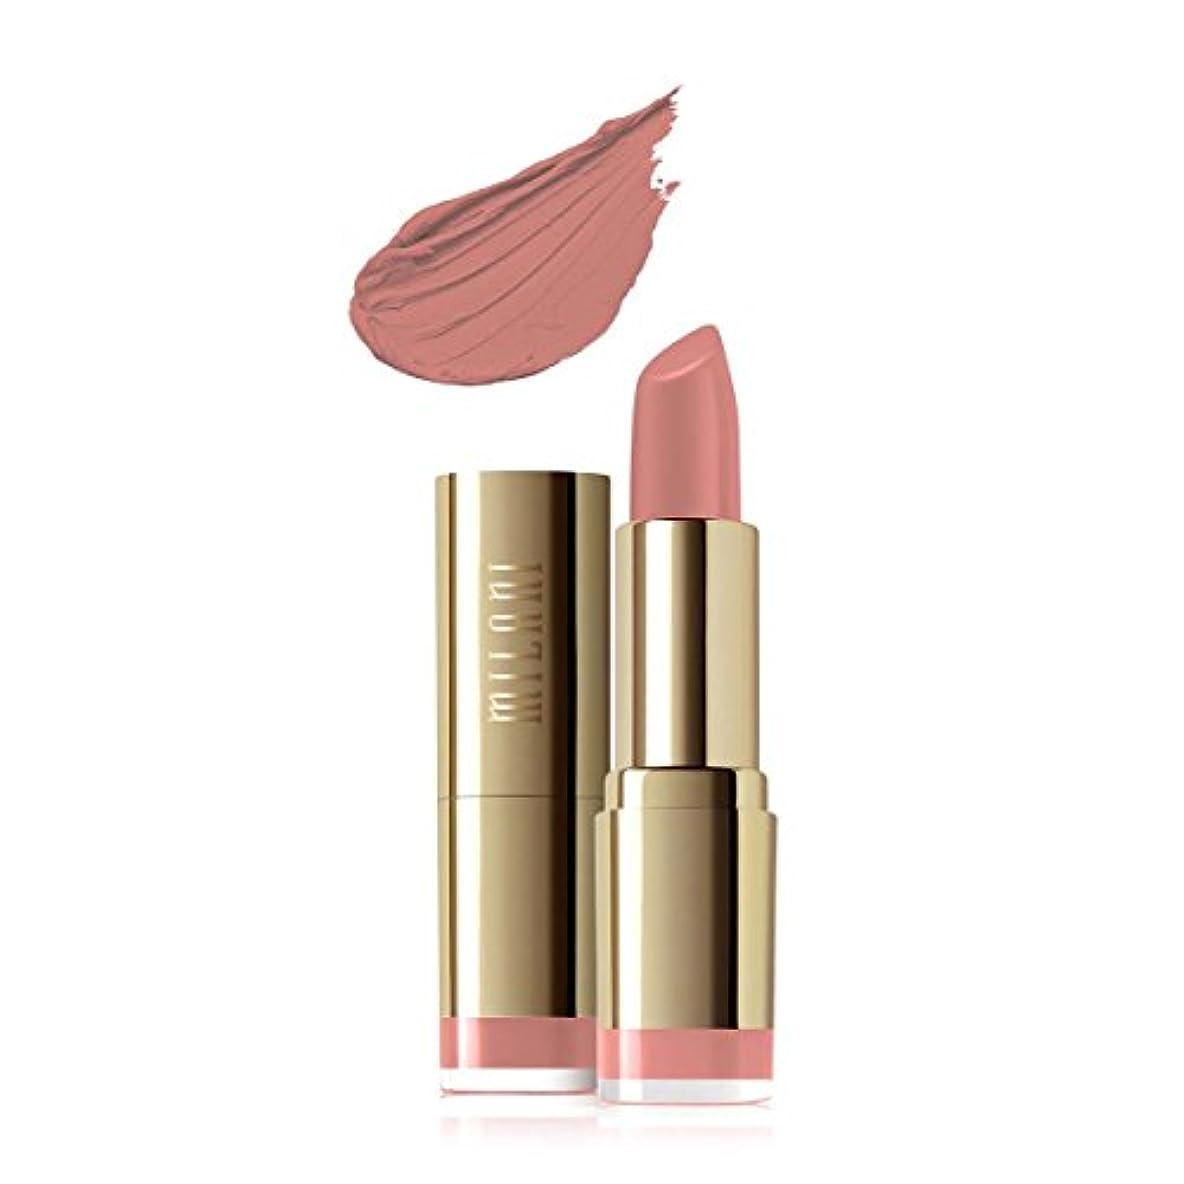 再生可能教師の日石MILANI Color Statement Moisture Matte Lipstick - Matte Naked (Vegan) (並行輸入品)